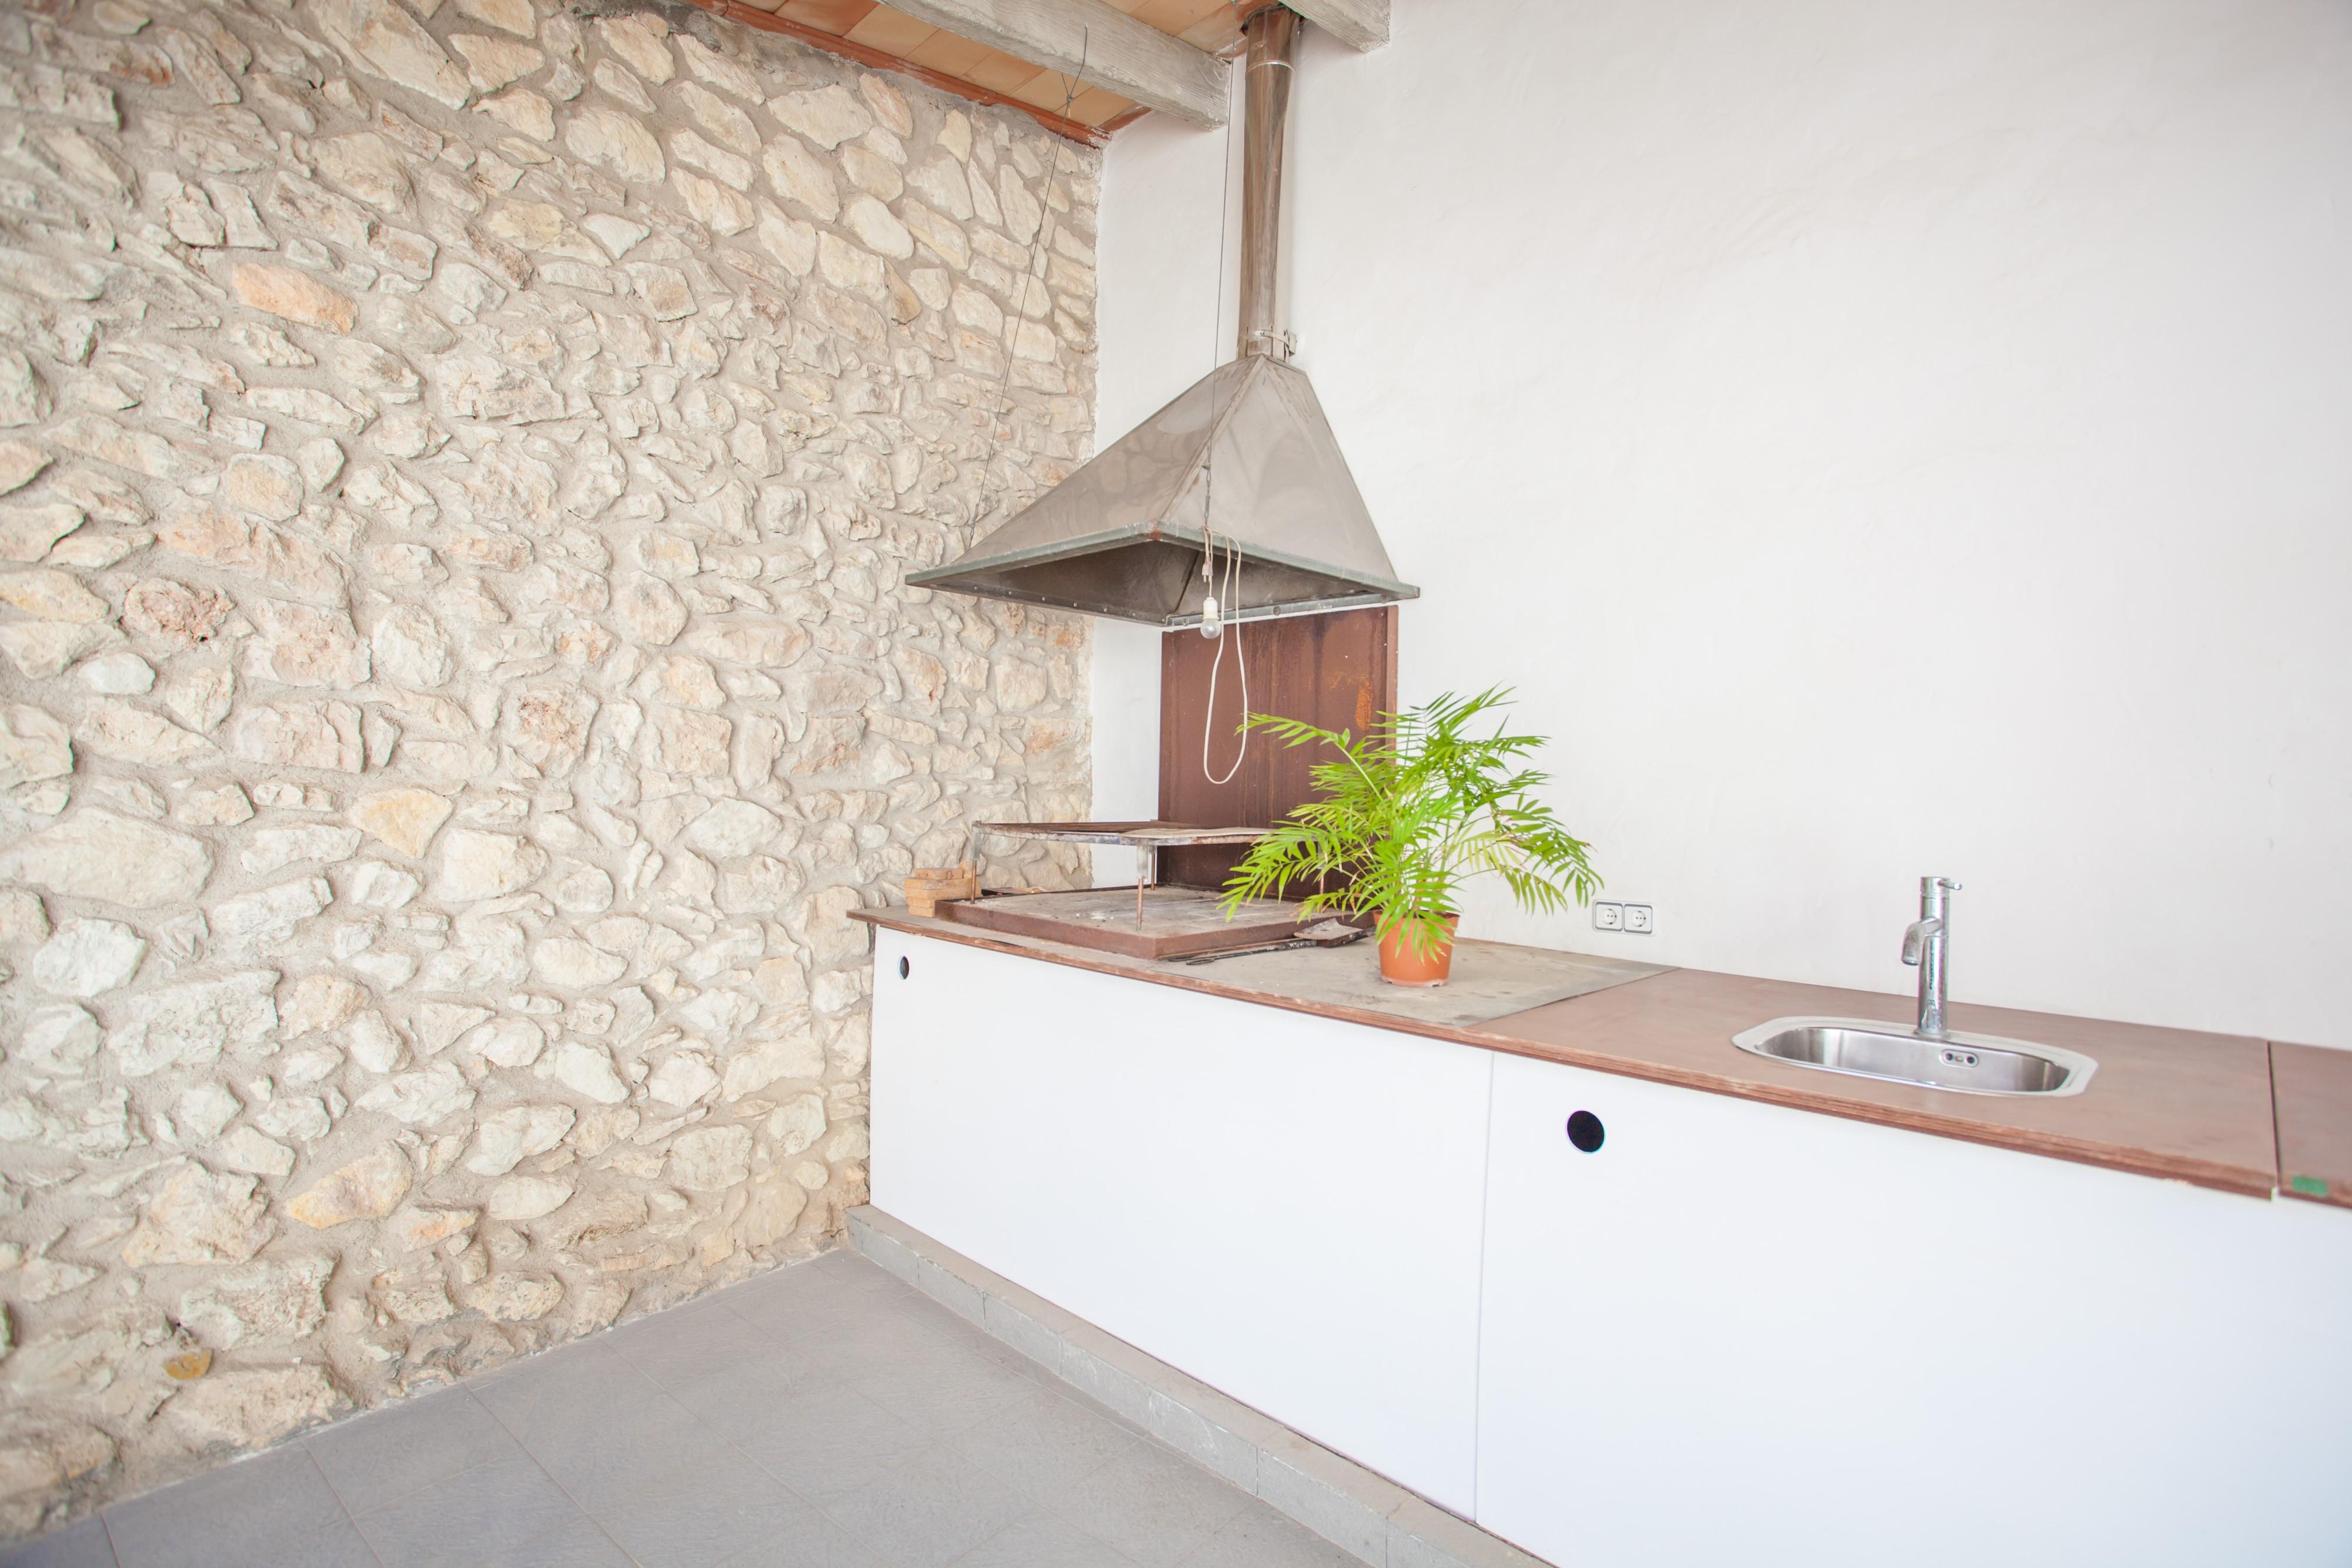 Maison de vacances CAN DOMINGO (2246405), Lloret de Vistalegre, Majorque, Iles Baléares, Espagne, image 27